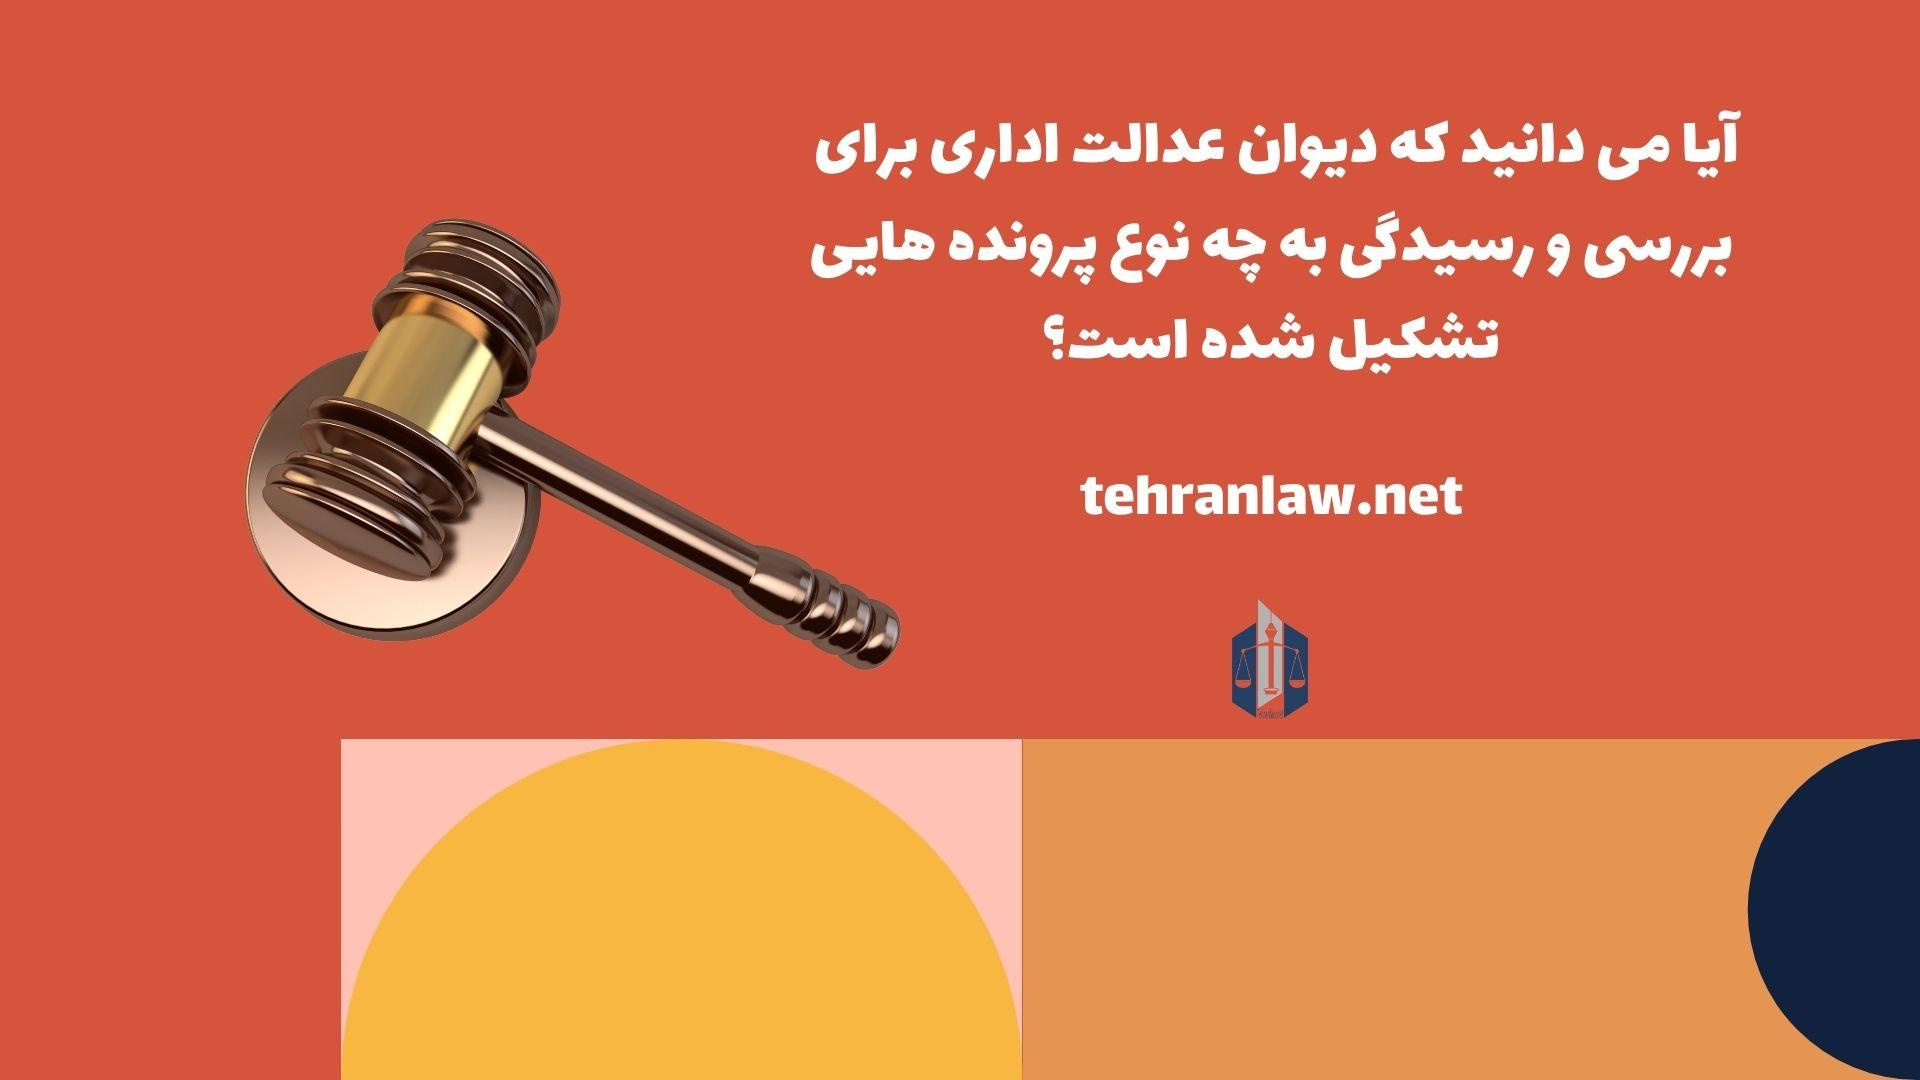 آیا می دانید که دیوان عدالت اداری برای بررسی و رسیدگی به چه نوع پرونده هایی تشکیل شده است؟